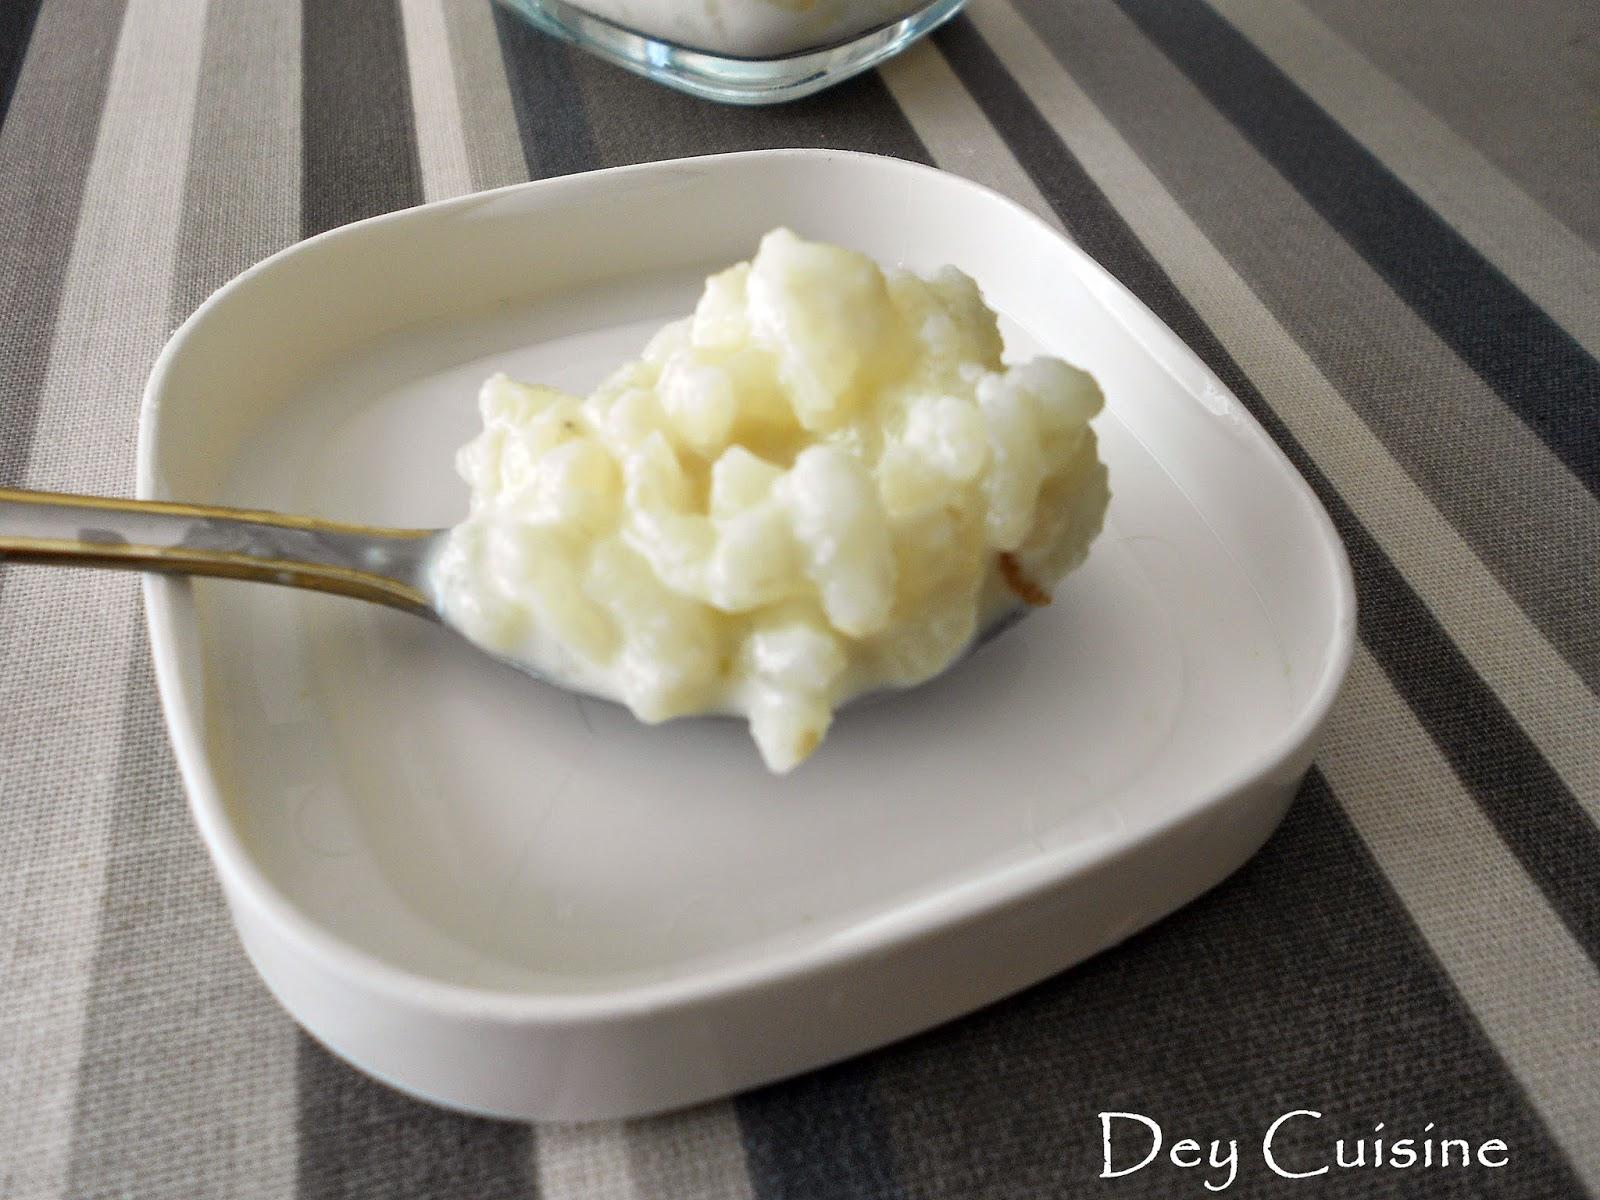 Dey cuisine riz au lait la vanille la multid lices - Riz au lait maison ...